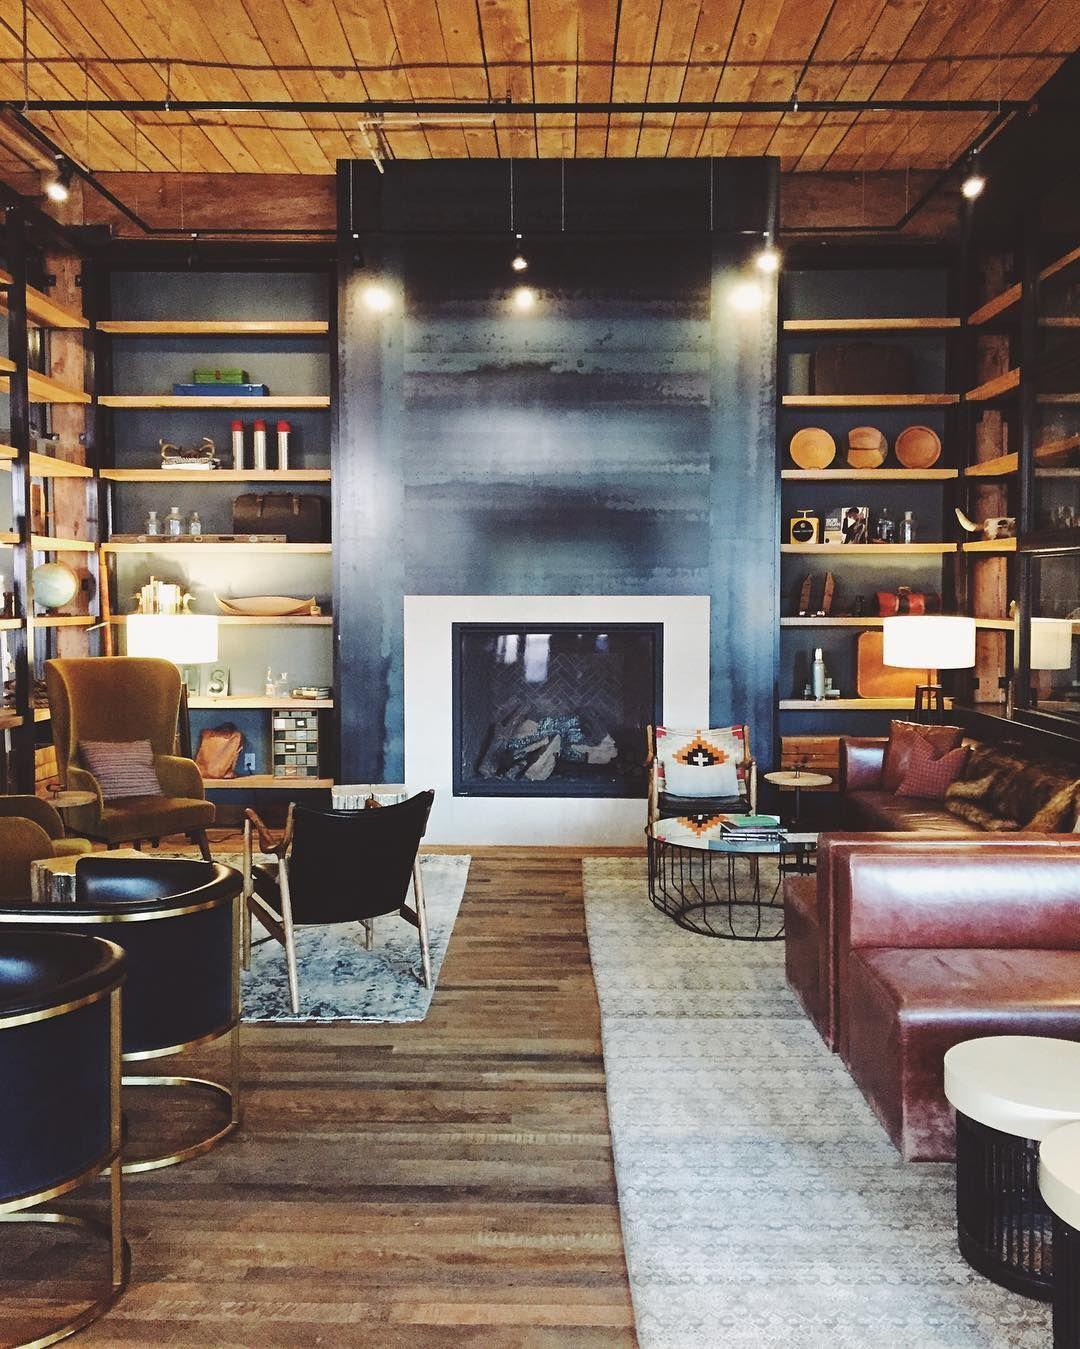 Hewing Hotel Minneapolis Emily Katz Emily Katz Spaces